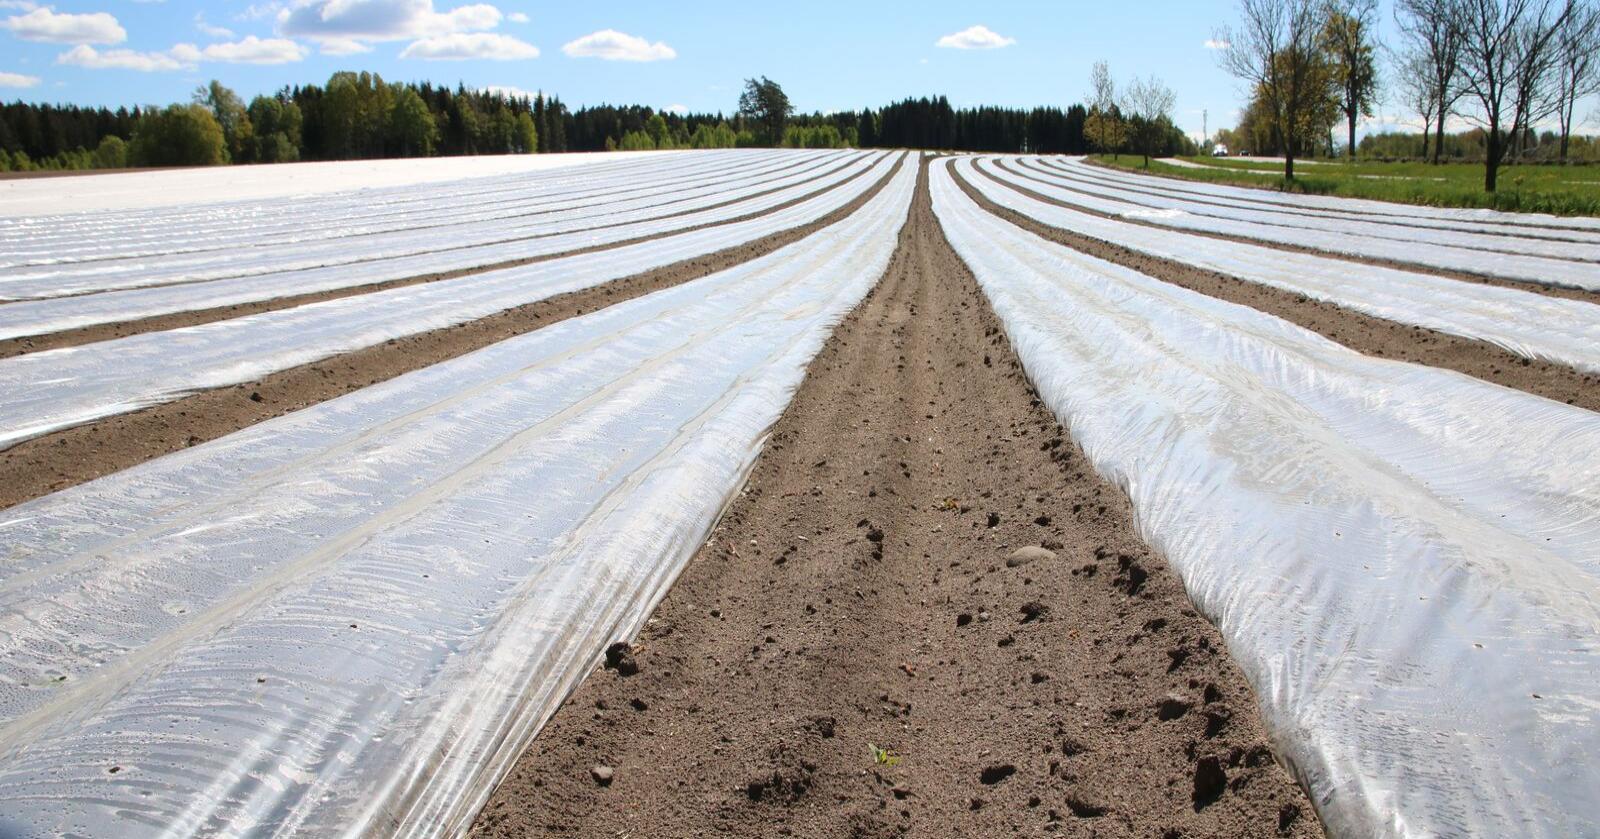 Konklusjonen er at konsentrasjonene av mikroplast i jordprøvene var lave, men med ett klart unntak: Et areal hvor såkalt ikke-biobasert bionedbrytbar plast av typen PBAT ble benyttet som jorddekke. (Illustrasjonsfoto: Karl Erik Berge)